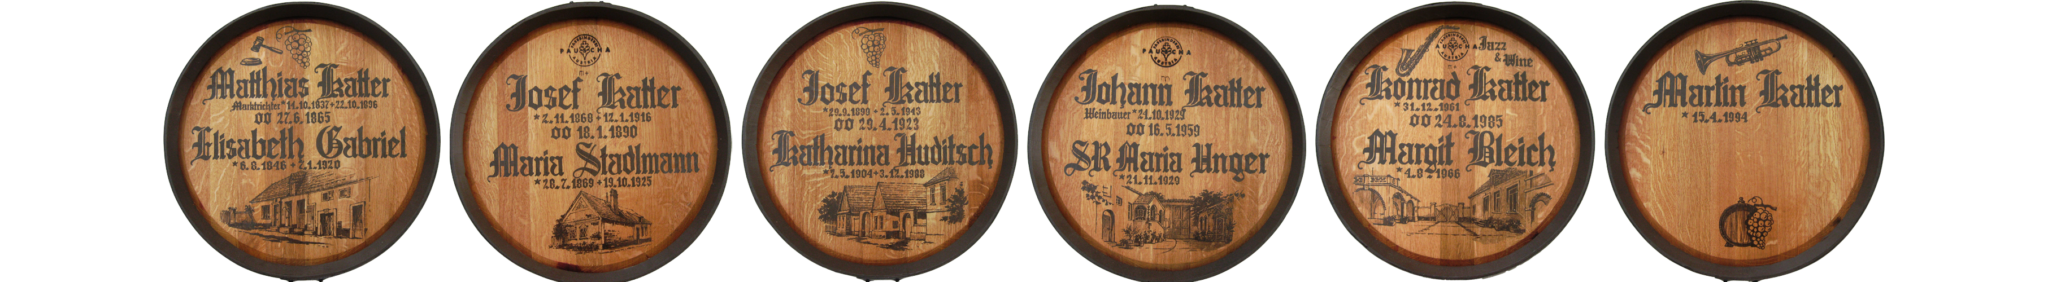 Weingut Österreich, Wein aus Österreich, Wein Burgenland, Übernachtung im Burgenland, Urlaub im Weingut, Urlaub am Neusiedlersee